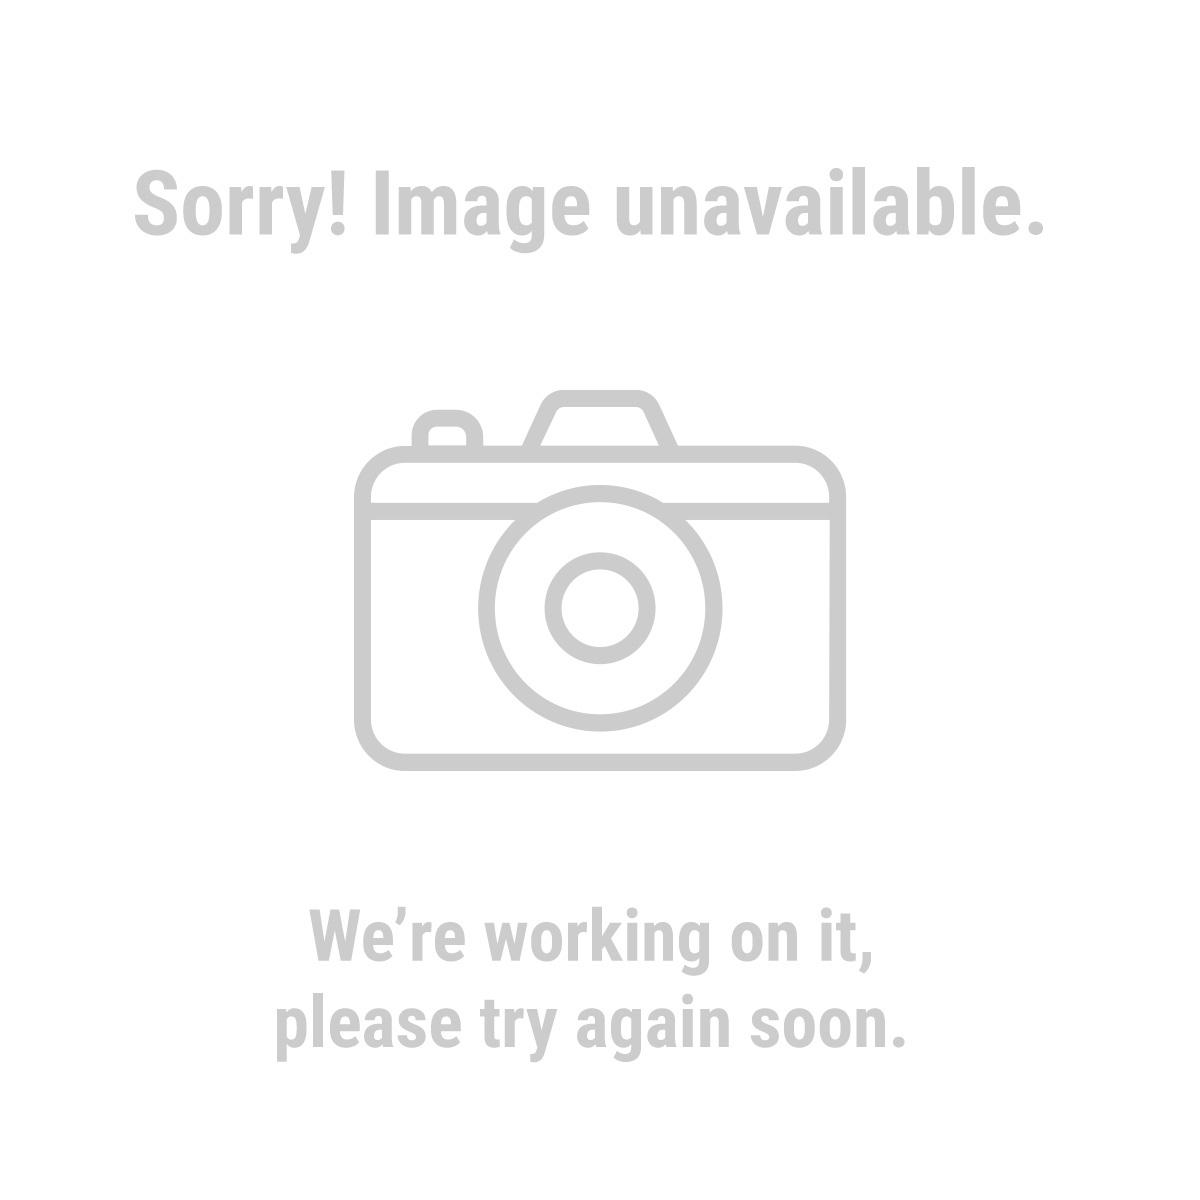 9646 32 in. x 15 in. x 10 in.  Medium Animal Trap